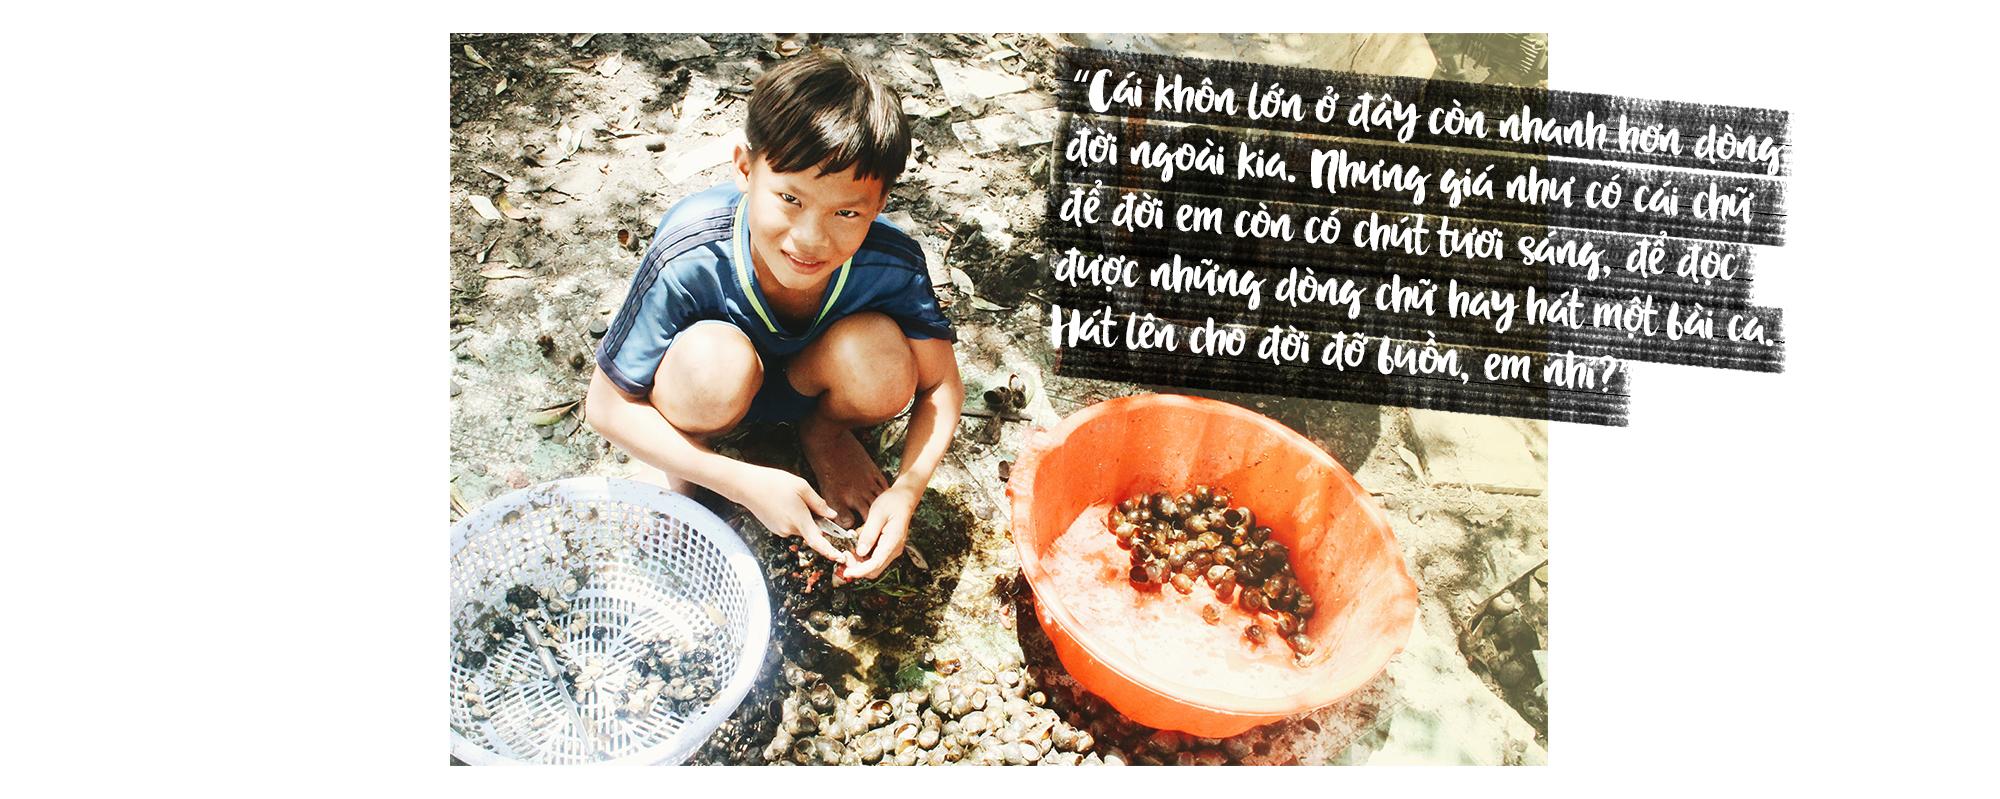 Chuyện ở xóm ốc Sài Gòn phần 2: Thằng Trớt 'thánh ốc' và thằng Phố 'rau muống'